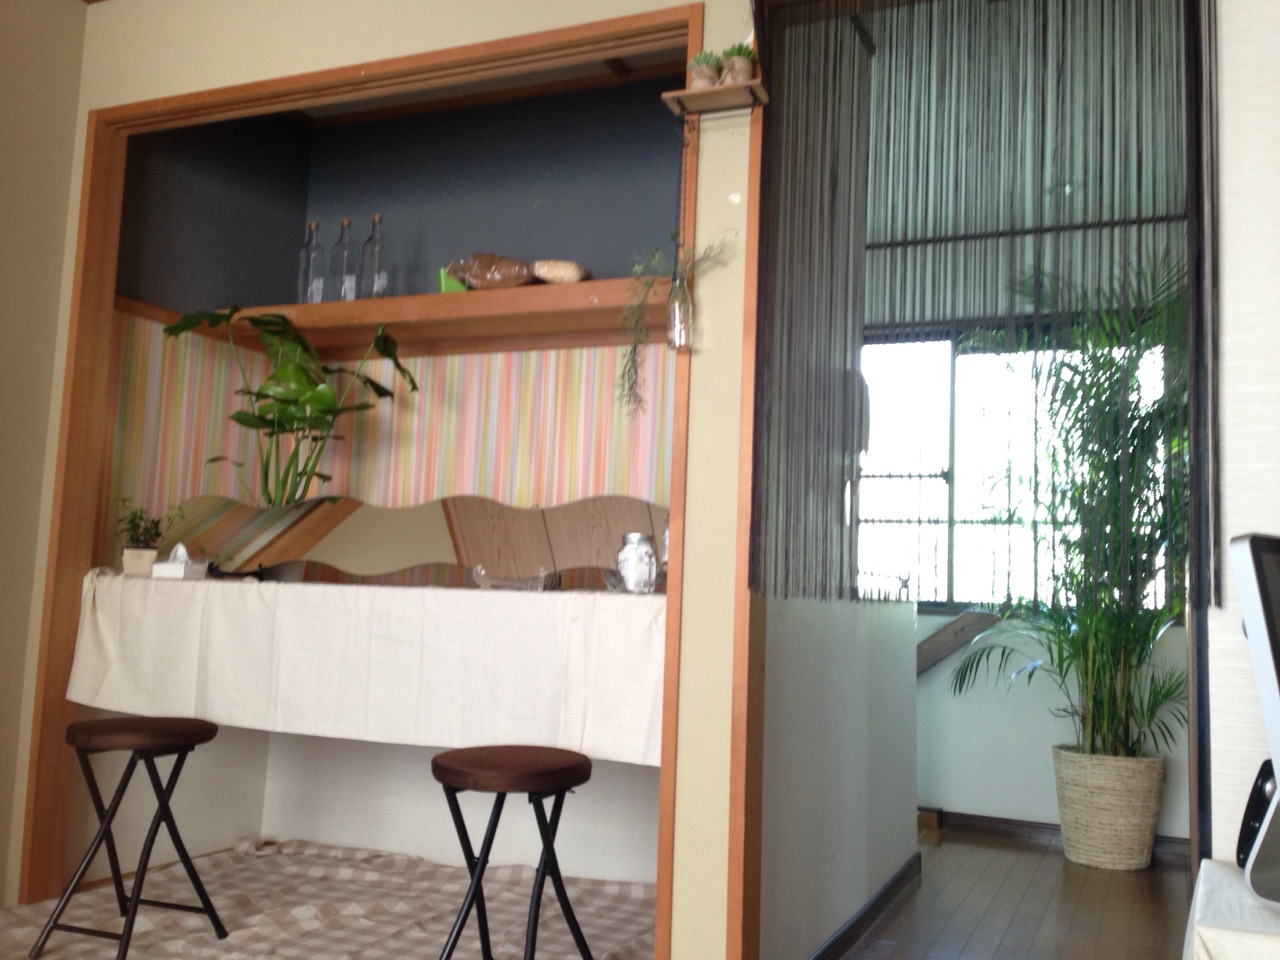 可愛くも落ち着いた 雰囲気の待合室のイメージ